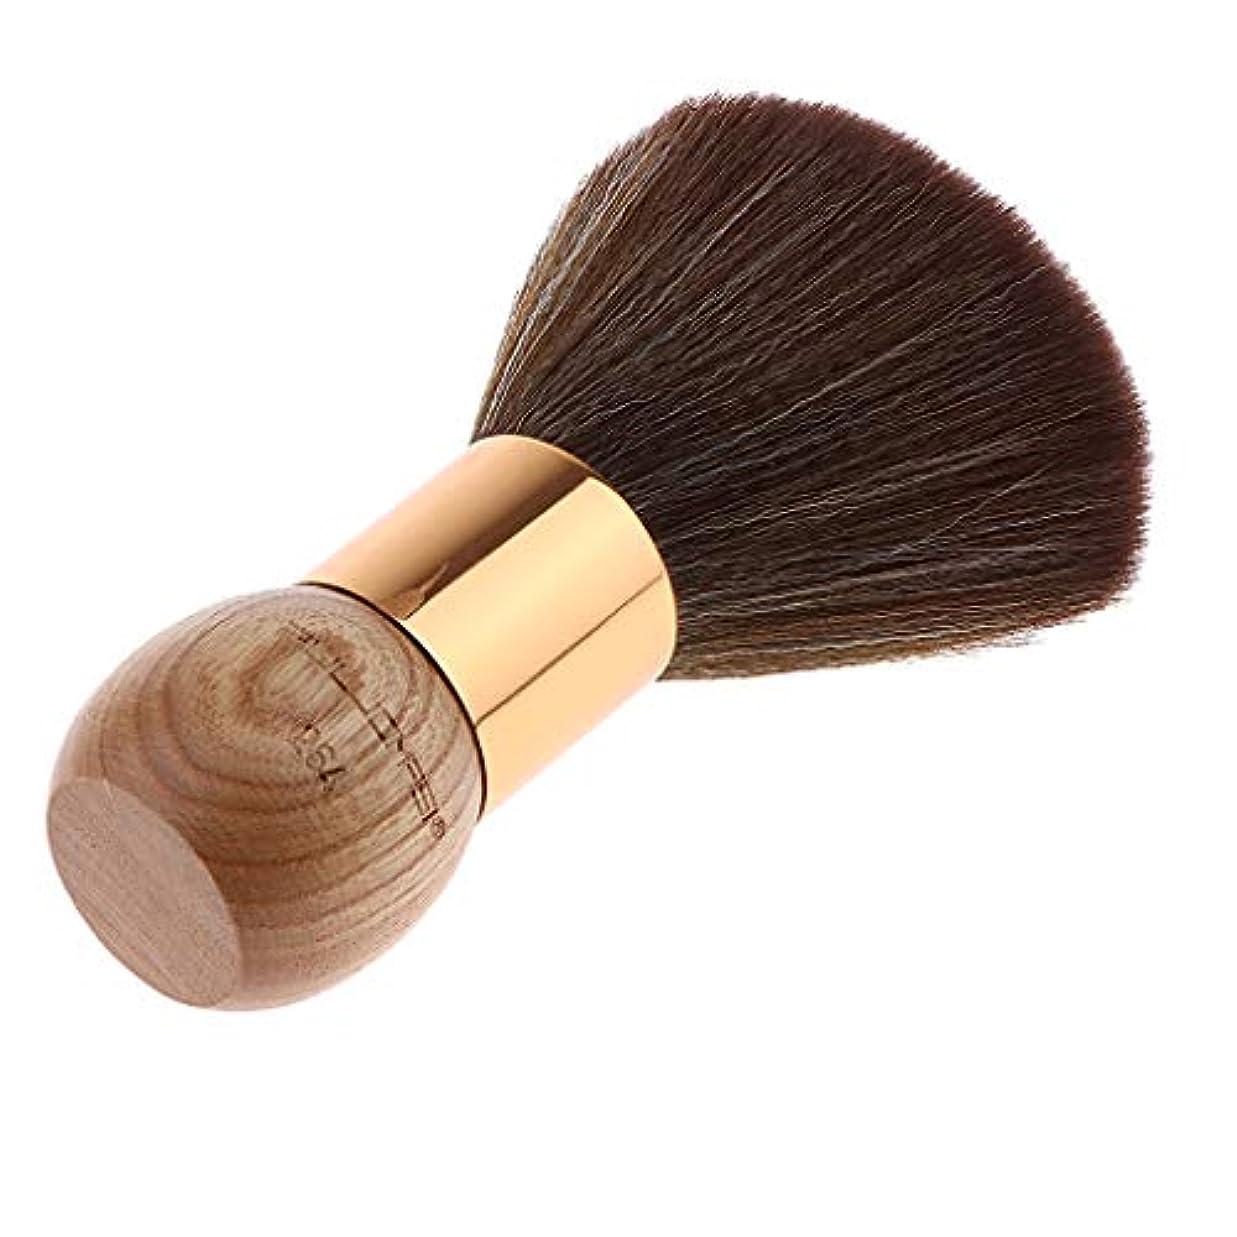 Sharplace メンズ用 髭剃り ブラシ シェービングブラシ 木製ハンドル 男性 ギフト理容 洗顔 髭剃り